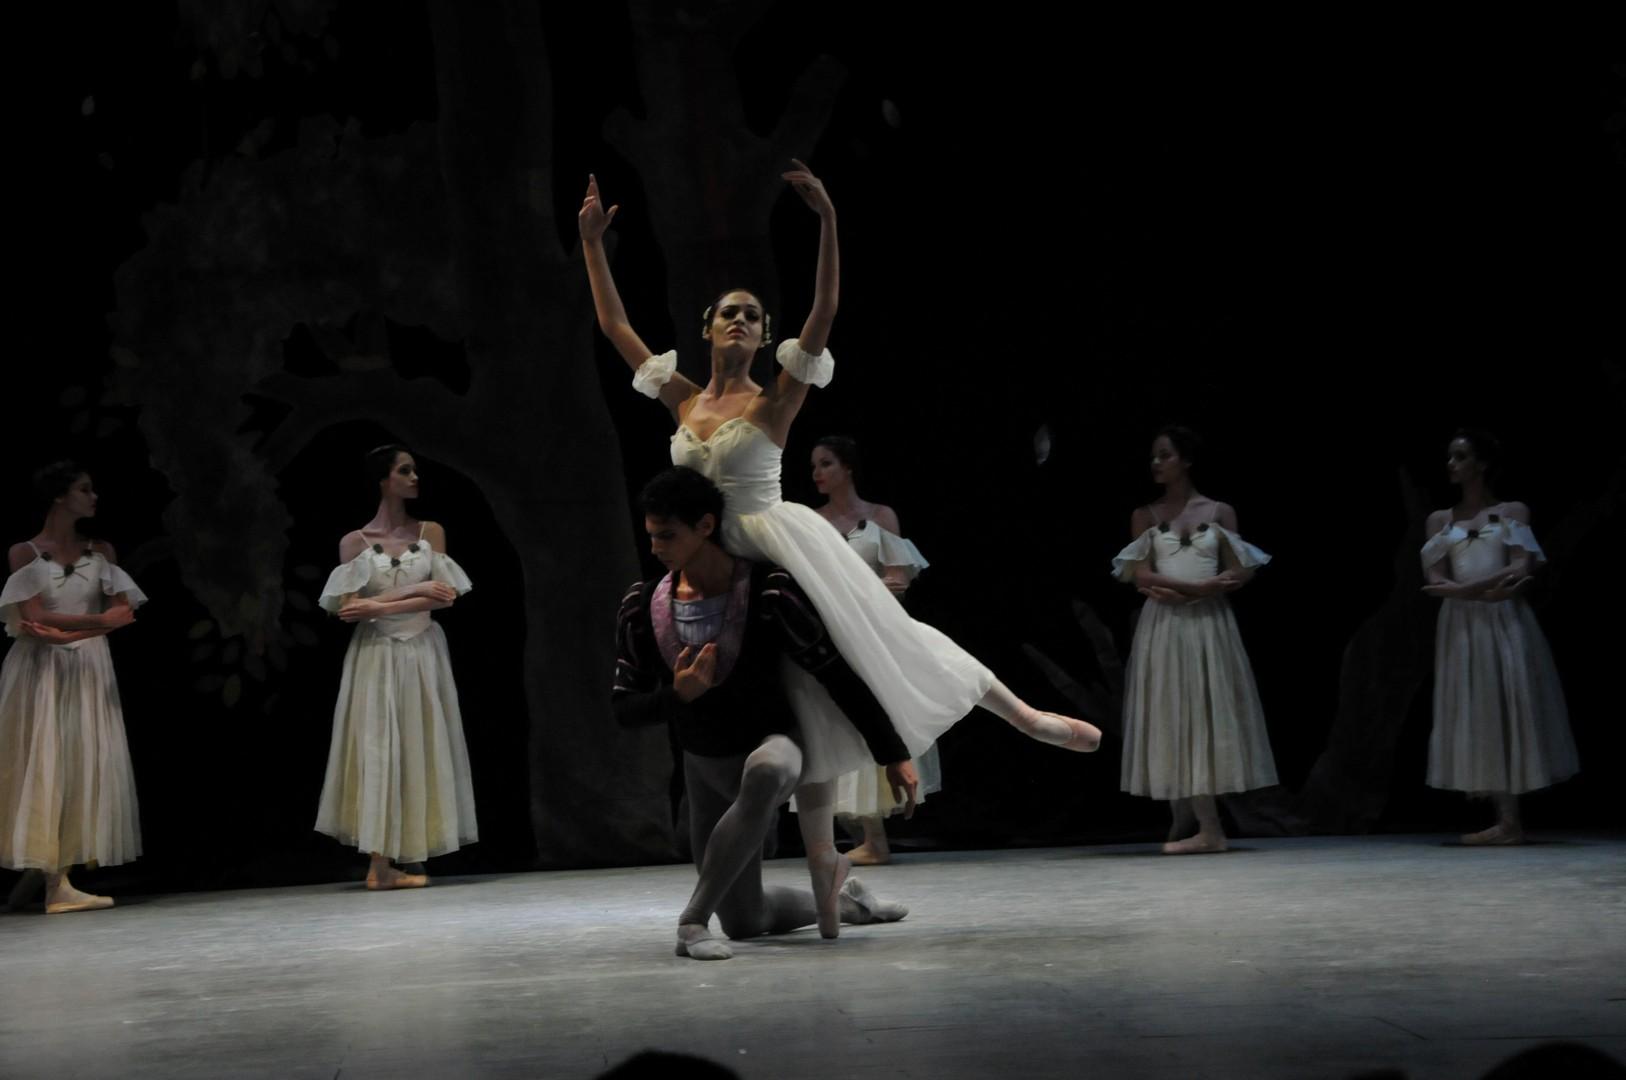 El segundo acto Giselle cerró la presentación. (Foto: Vicente Brito/ Escambray)